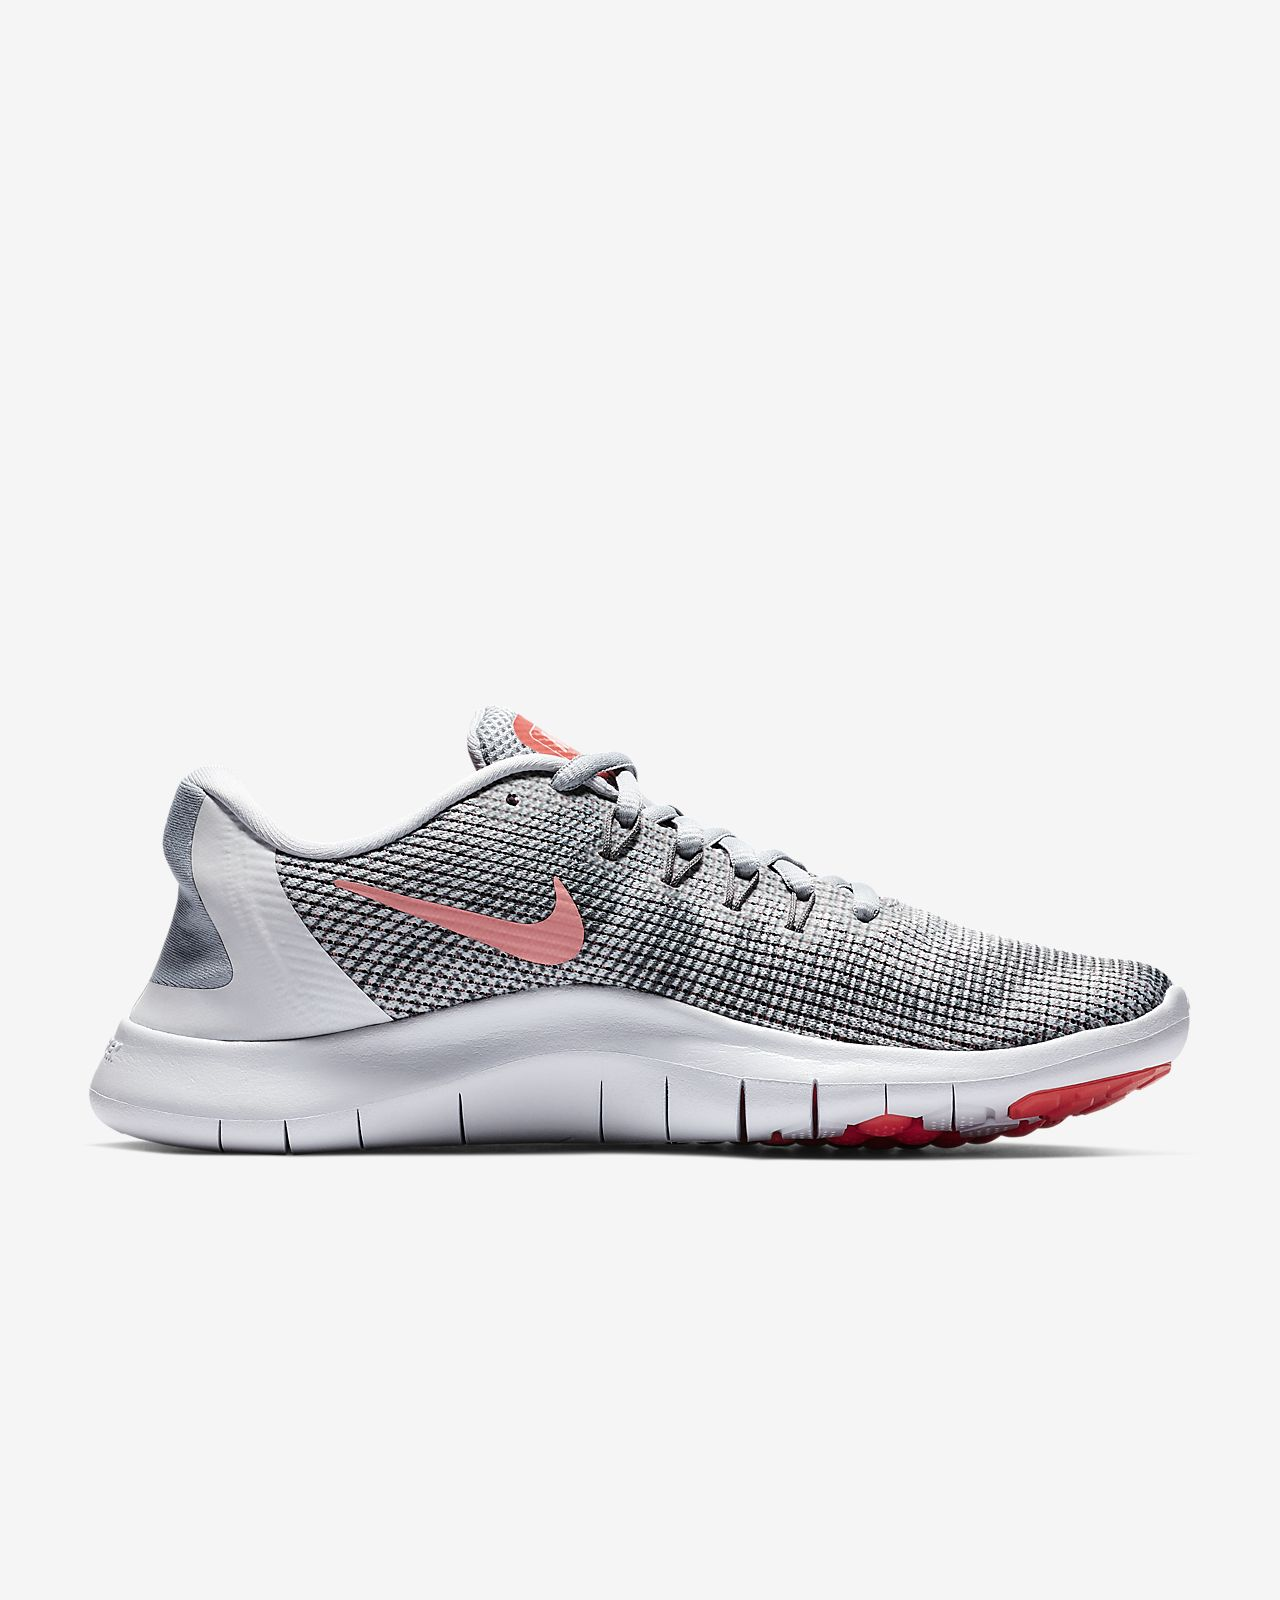 online retailer 64a5c e3919 ... Chaussure de running Nike Flex RN 2018 pour Femme